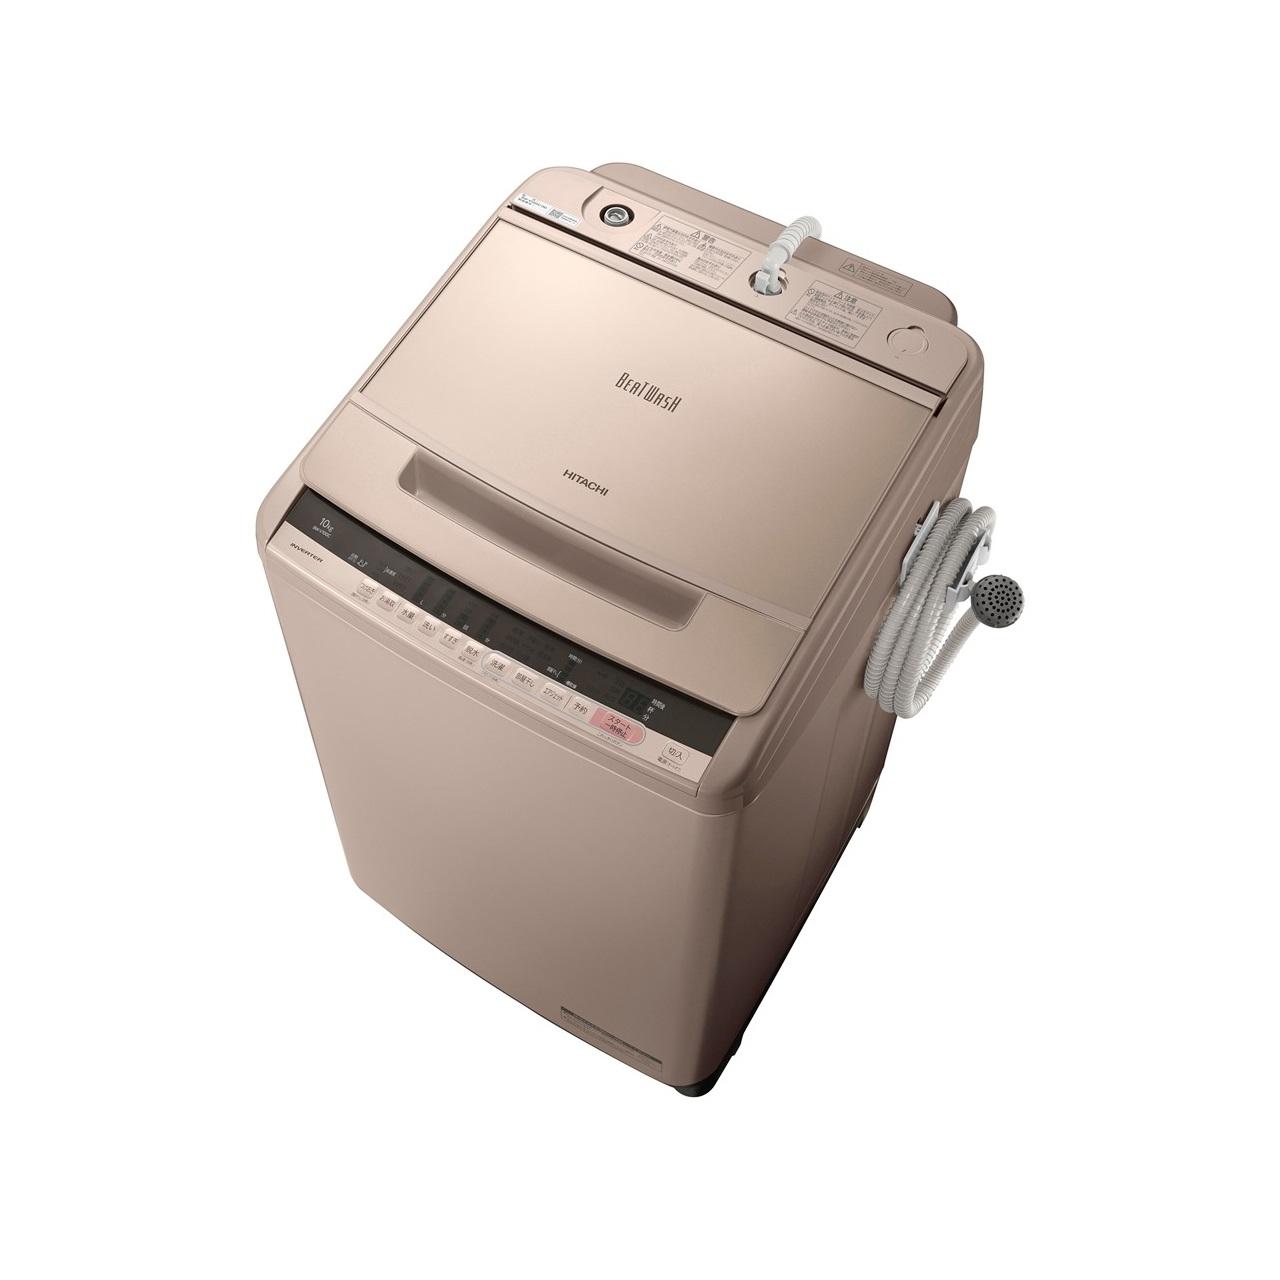 日立ビートウォッシュBW-V100C全自動洗濯機